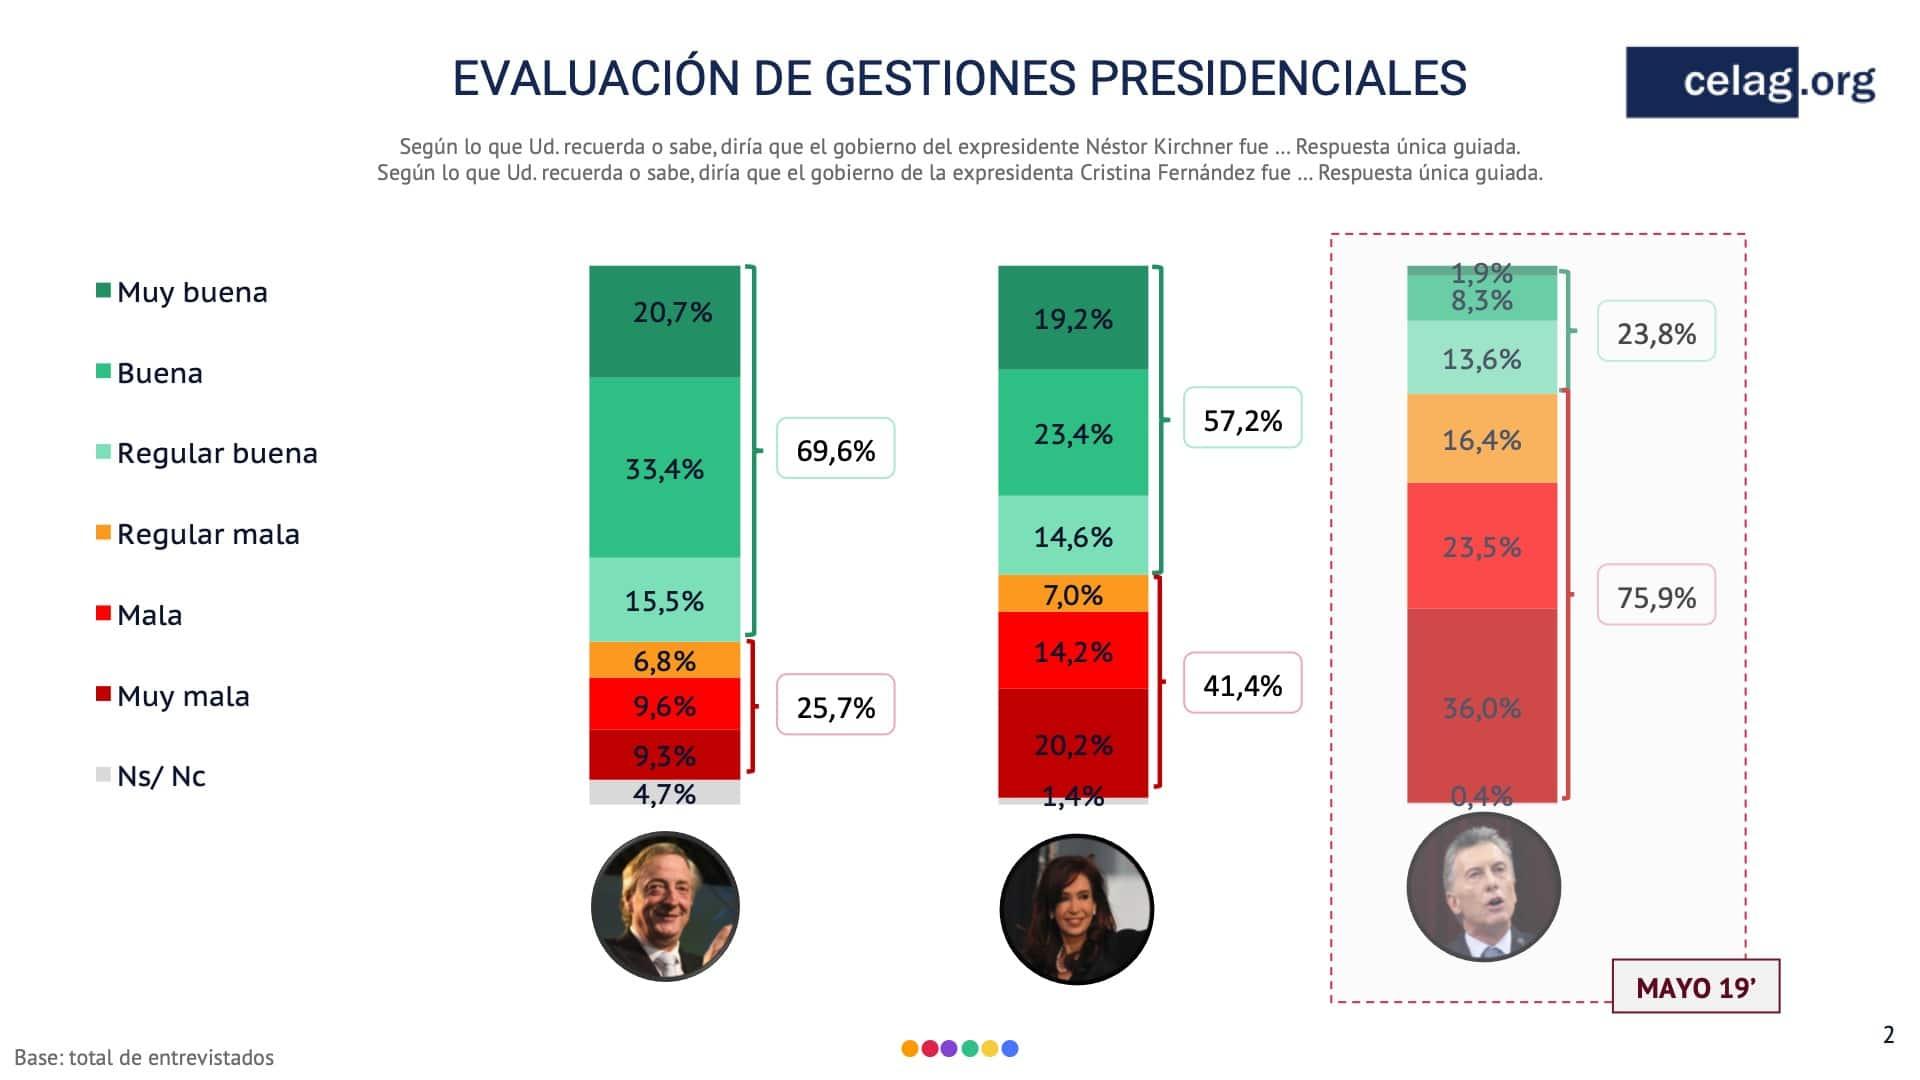 Evaluacion Gestiones presidenciales argentina